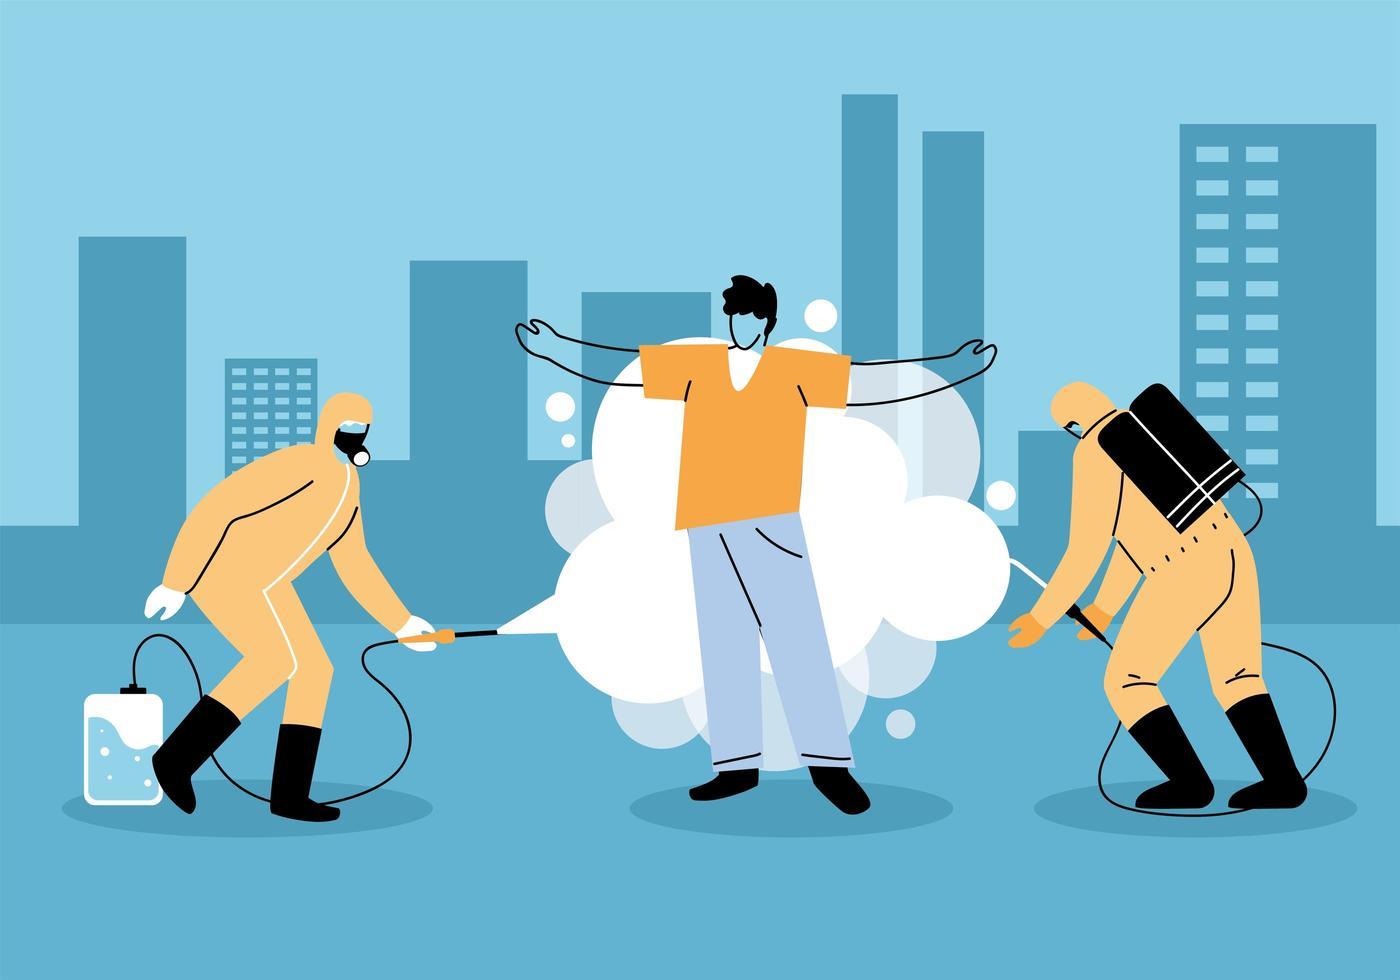 los hombres usan traje de protección para desinfectar a una persona vector